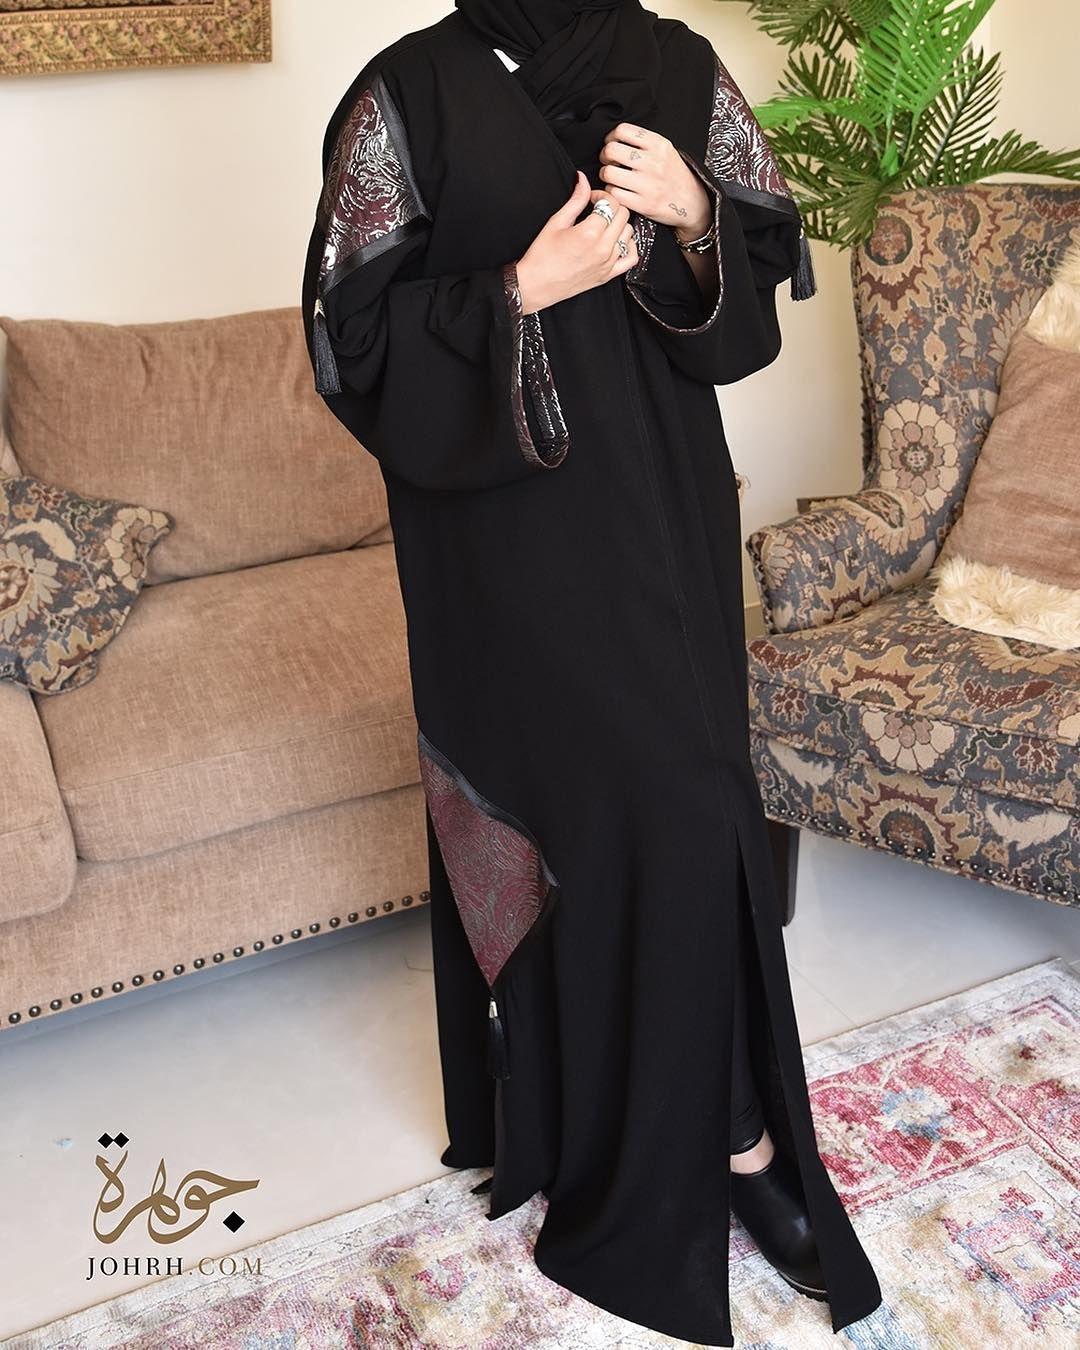 عباية من قماش شموخ الأنيق وقصة كم مربعة يزينها تفته عنابية على شكل معينات في الأكمام وأسفل العباية ومرصعة بدندوشة تضفي لمسة ملفتة لت Maxi Dress Fashion Dresses